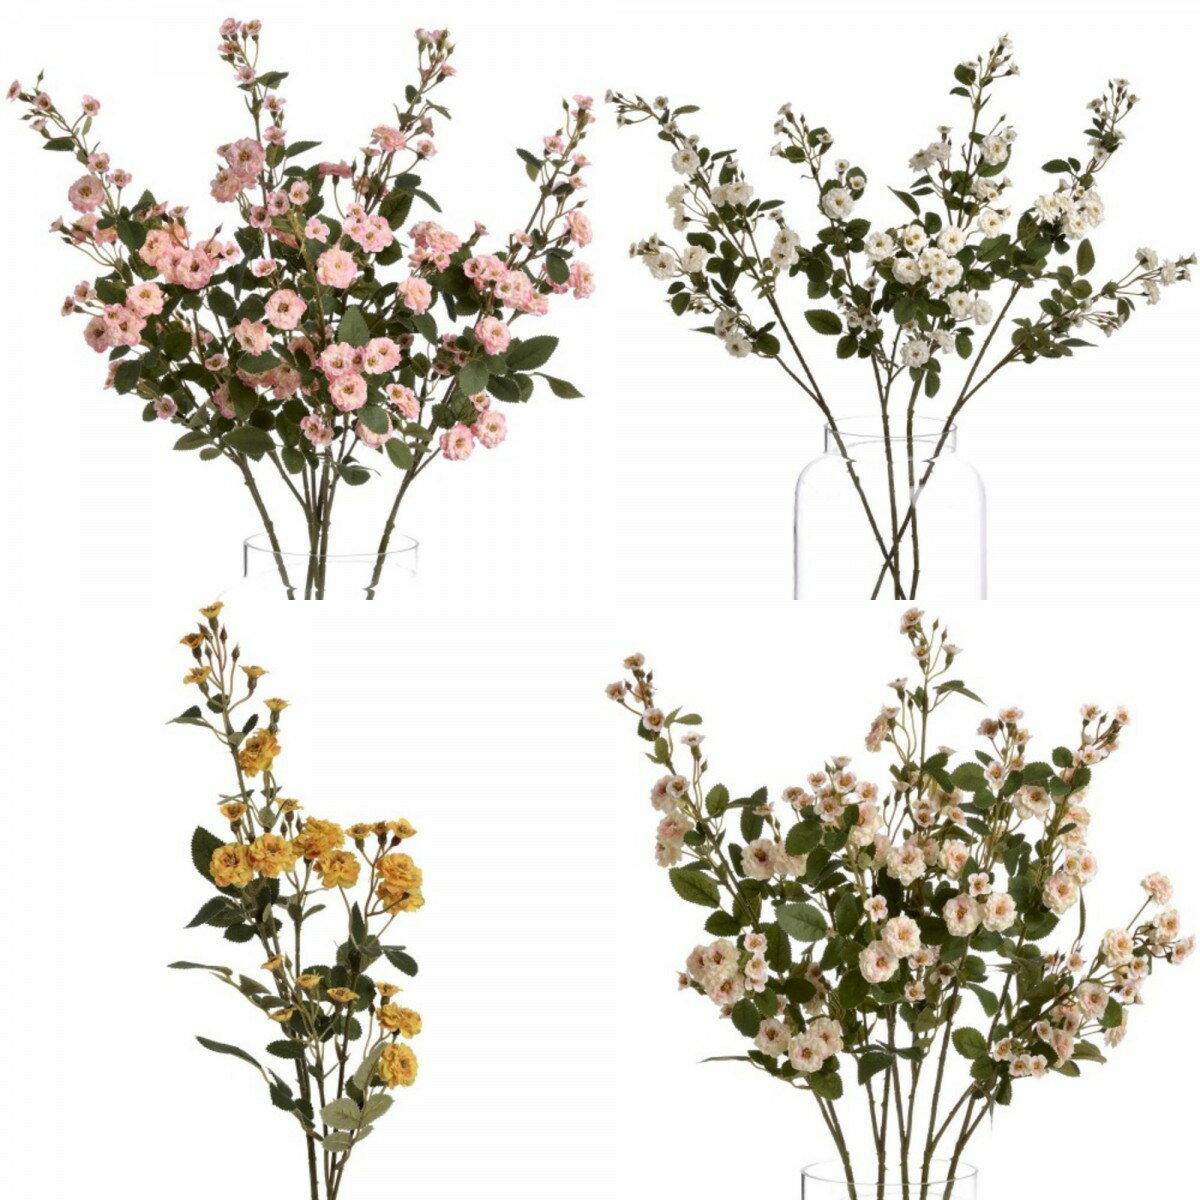 (ヒル・インテリアズ) Hill Interiors ワイルドメドウローズ アーティフィシャルフラワー 造花 インテリア雑貨 【楽天海外直送】